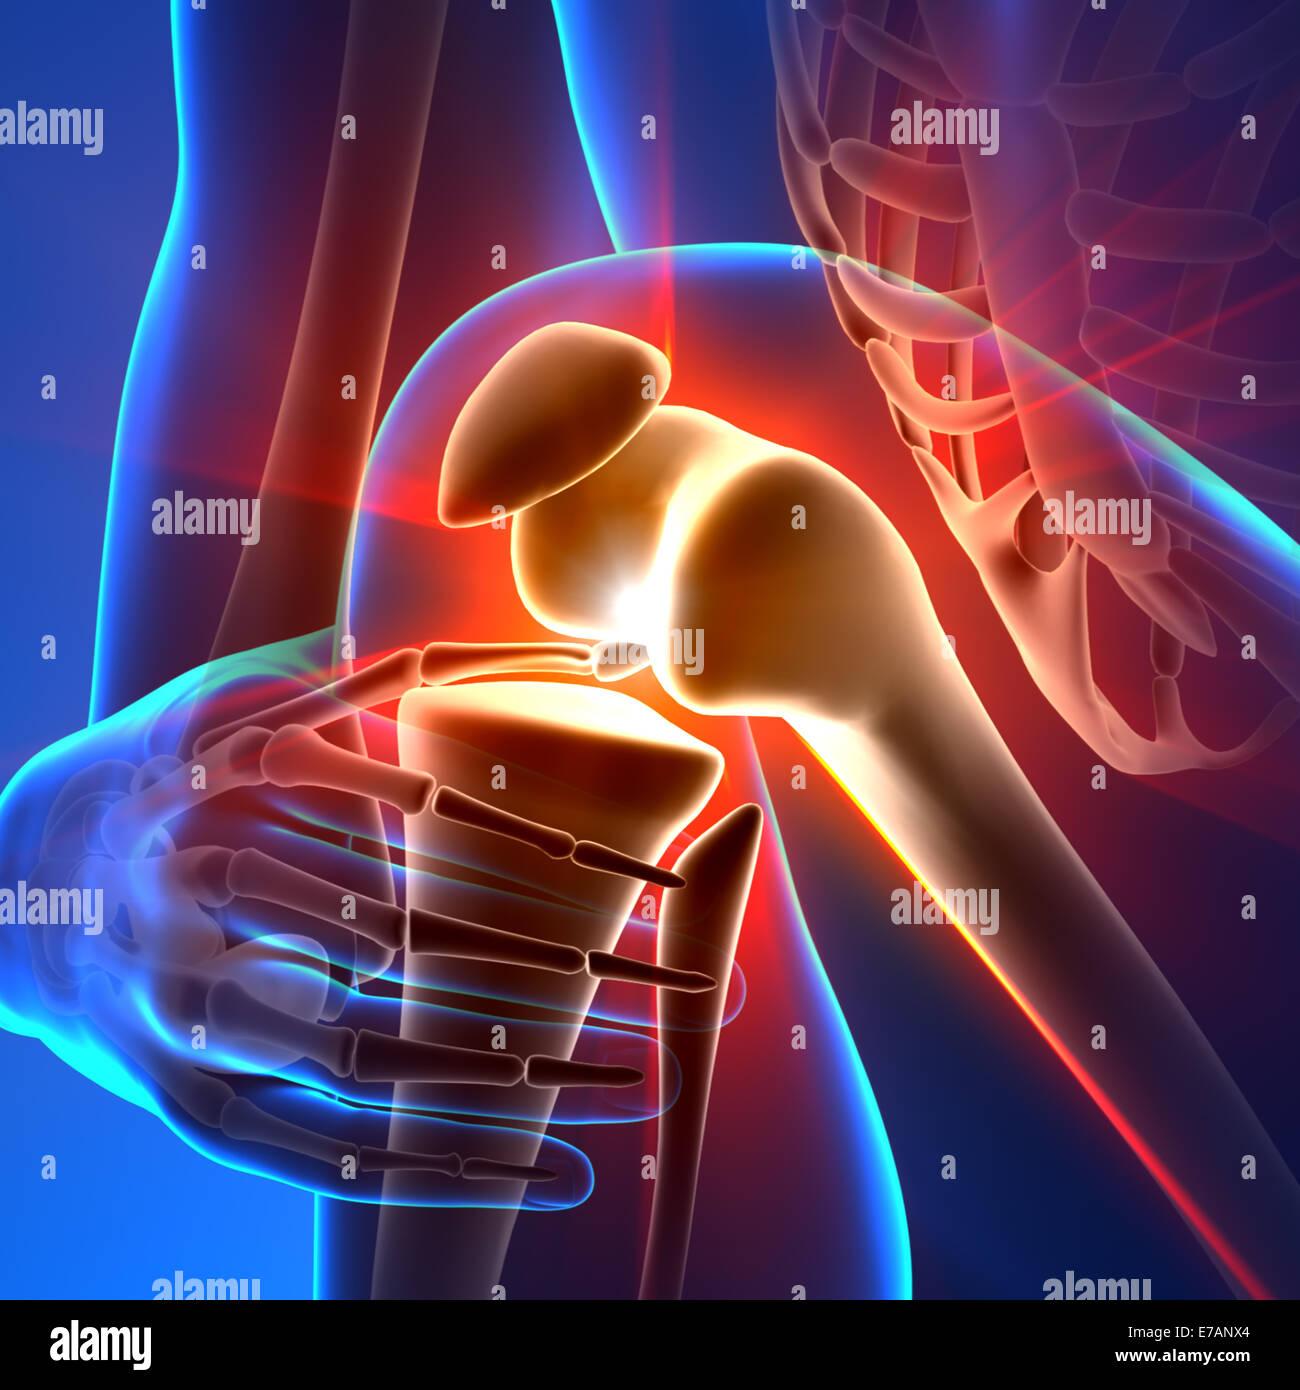 Schmerzen Knie - Anatomie Strahlen Stockbild